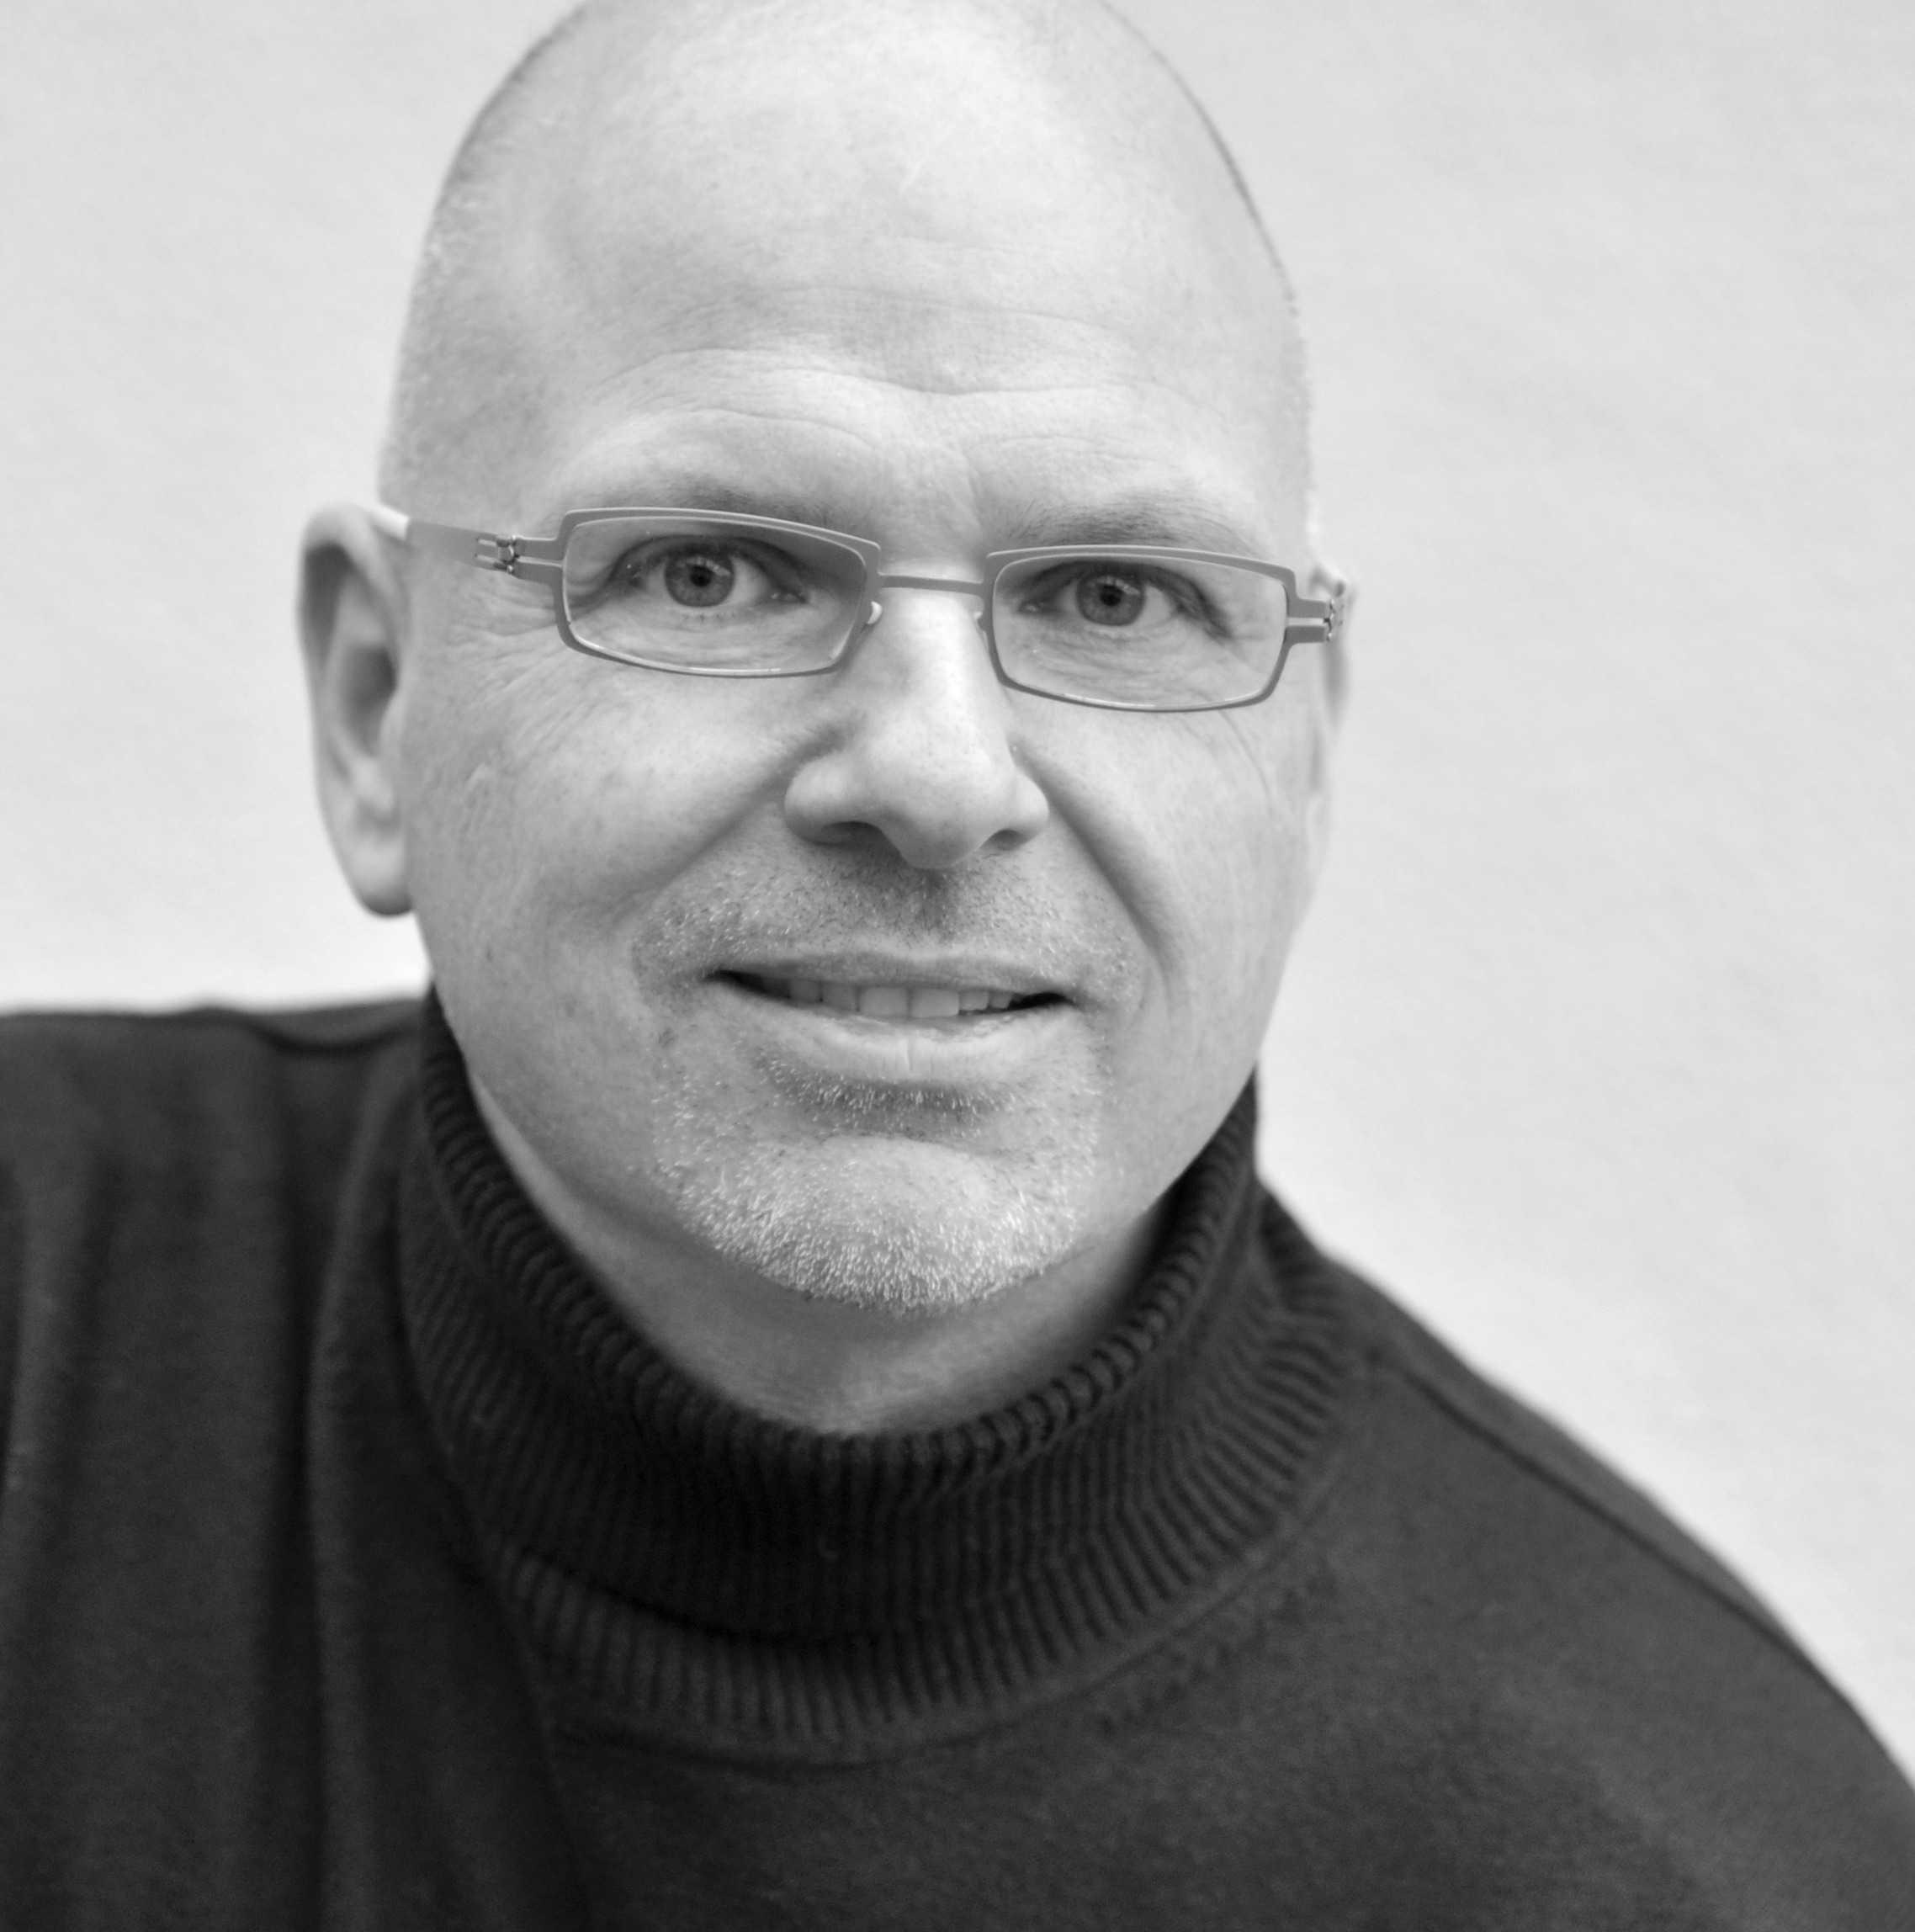 Ralf Seybold ist erfahrener Dienstleistung im Sichtbarkeitsmanagement. Keine 5 Personen im Großraum Stuttgart haben eine vergleichbare Erfahrung im Bereich Suchmaschinenoptimierung für den Mittelstand.